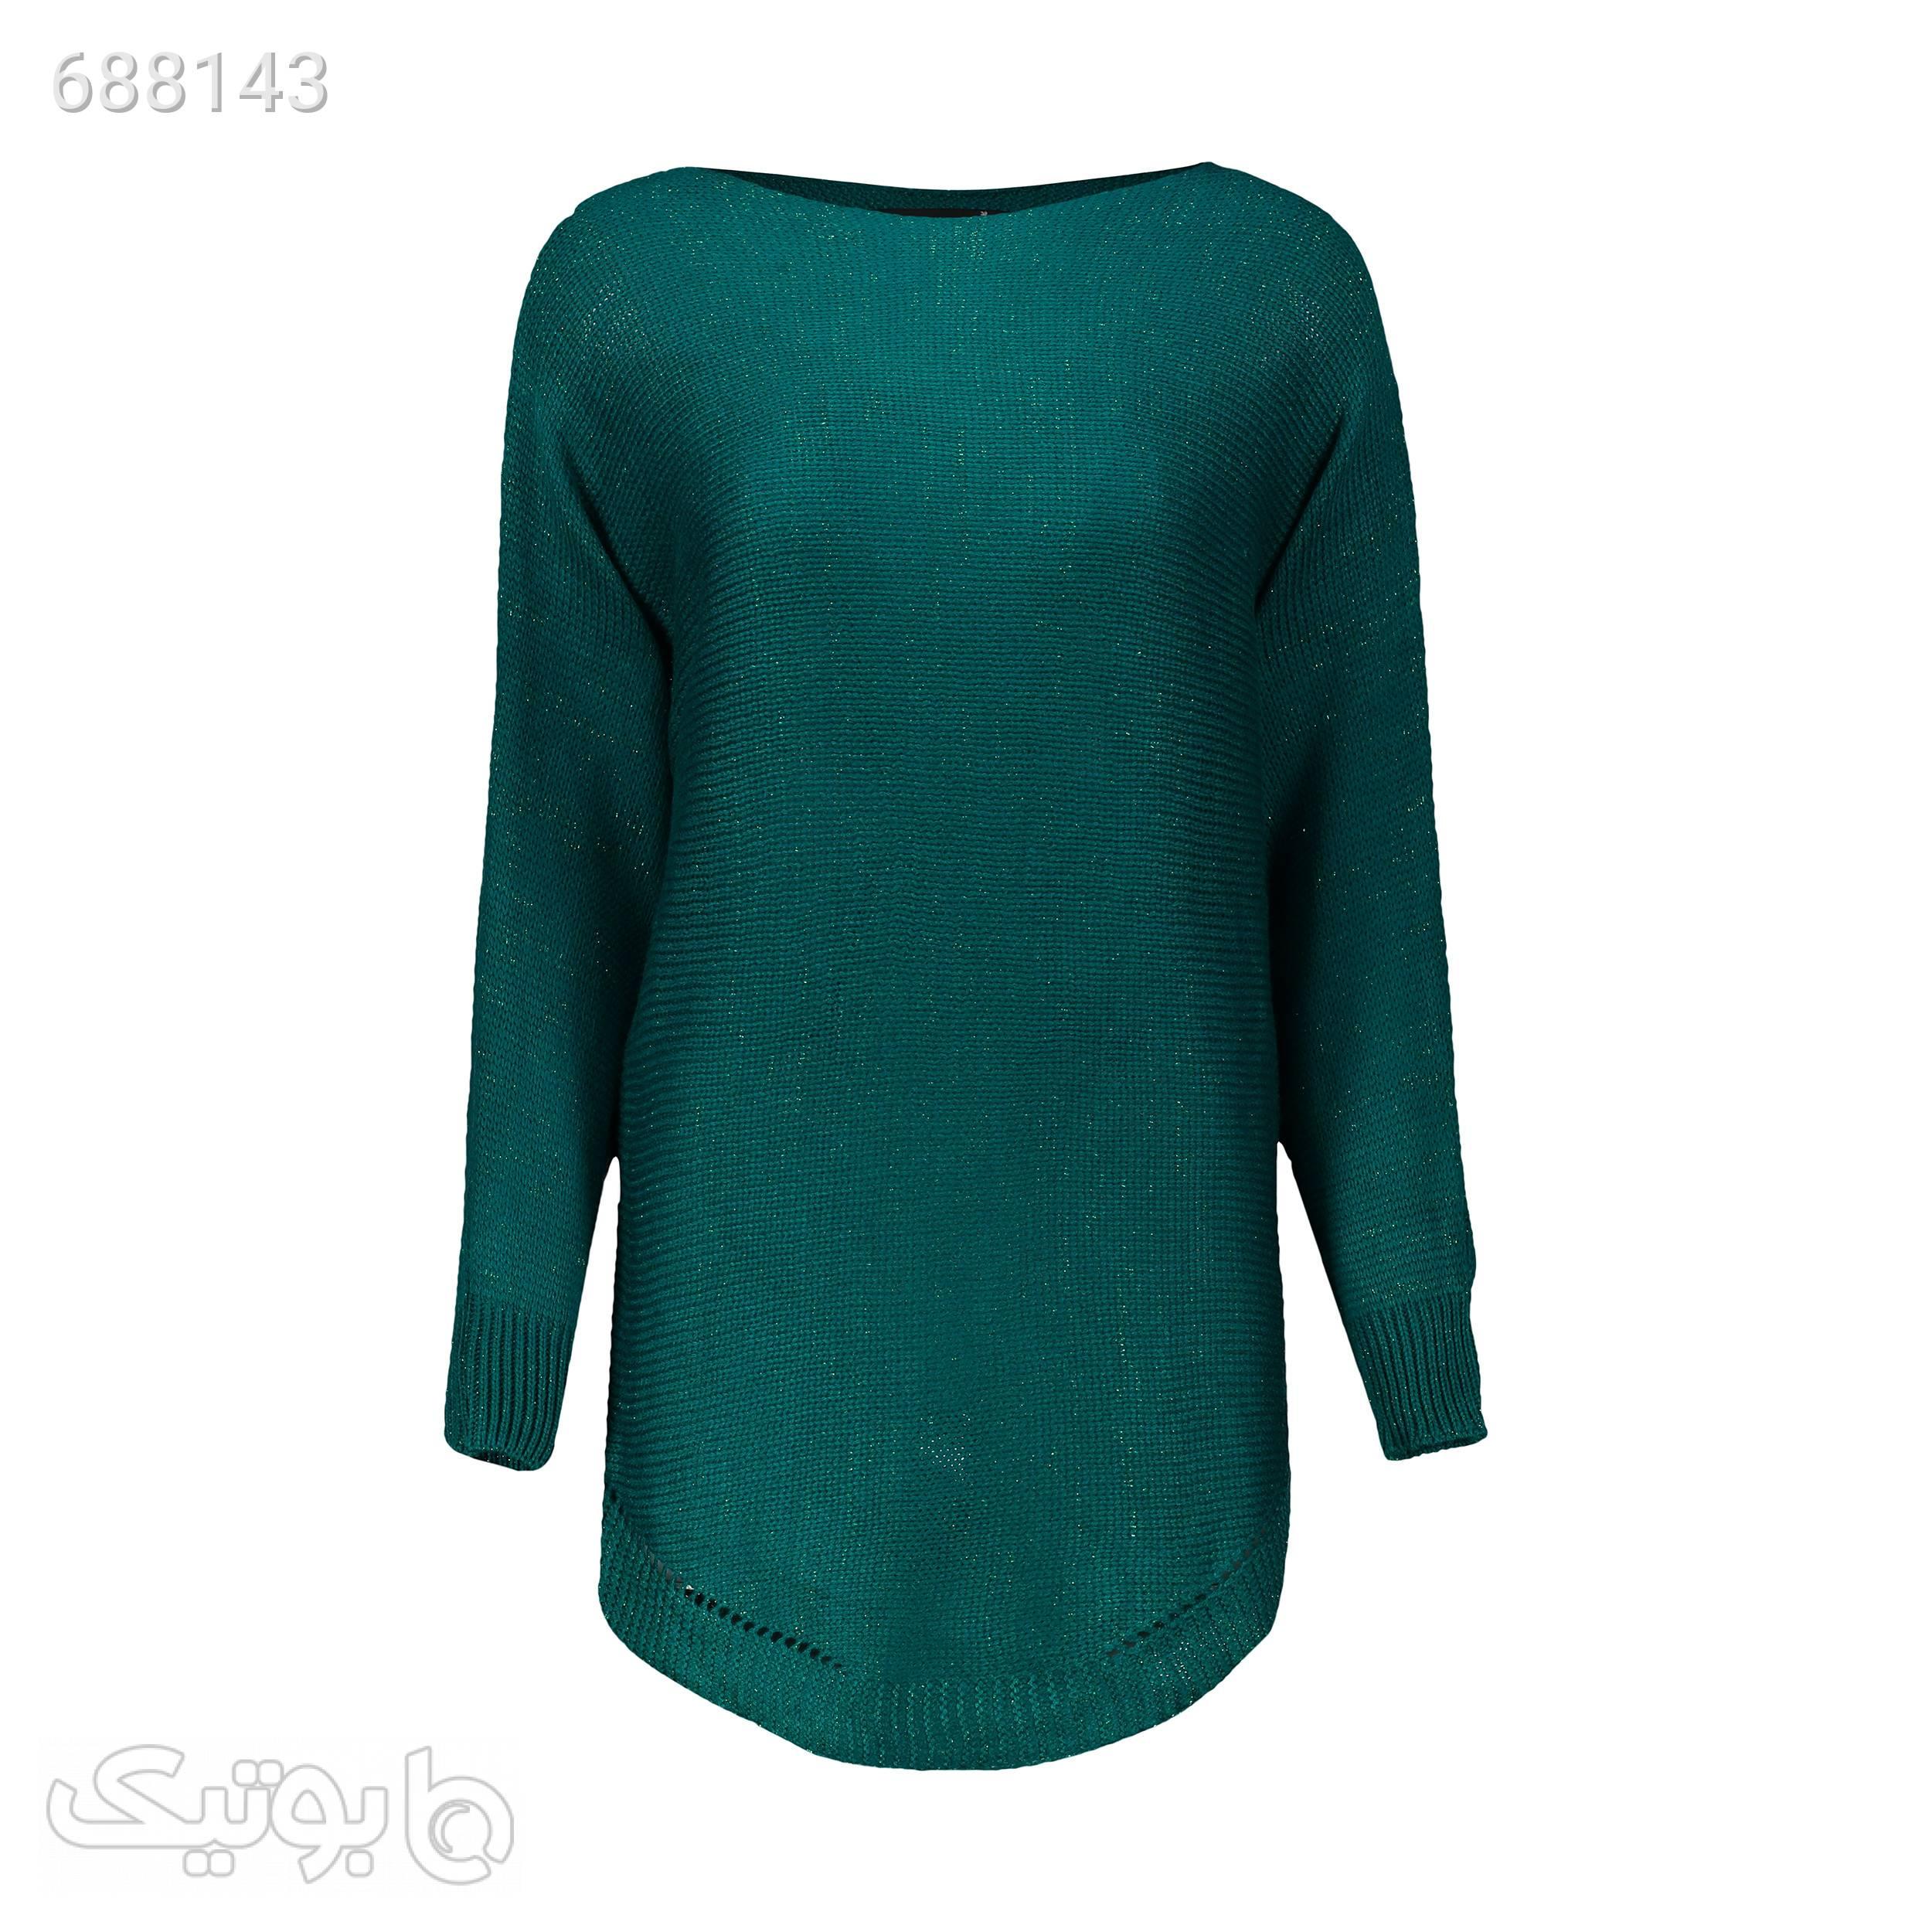 تونیک بافت زنانه وینکلر مدل 6260614019537 سبز رویه و بافت